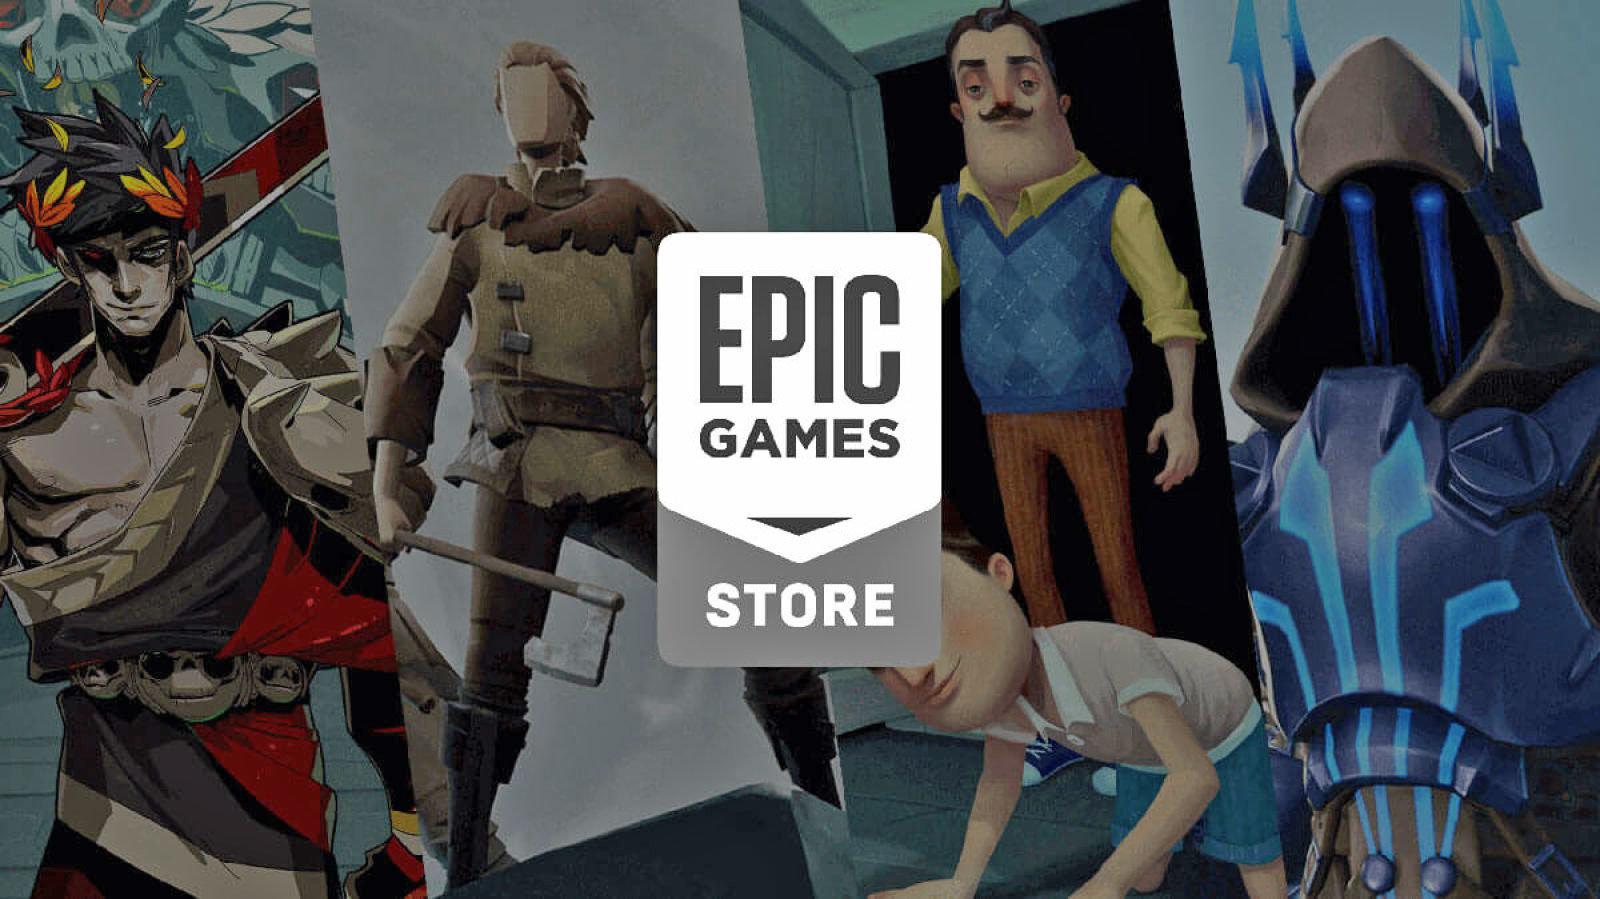 <b>EPIC创始人称虽玩家讨厌商店独占但仍将持续发力独占</b>